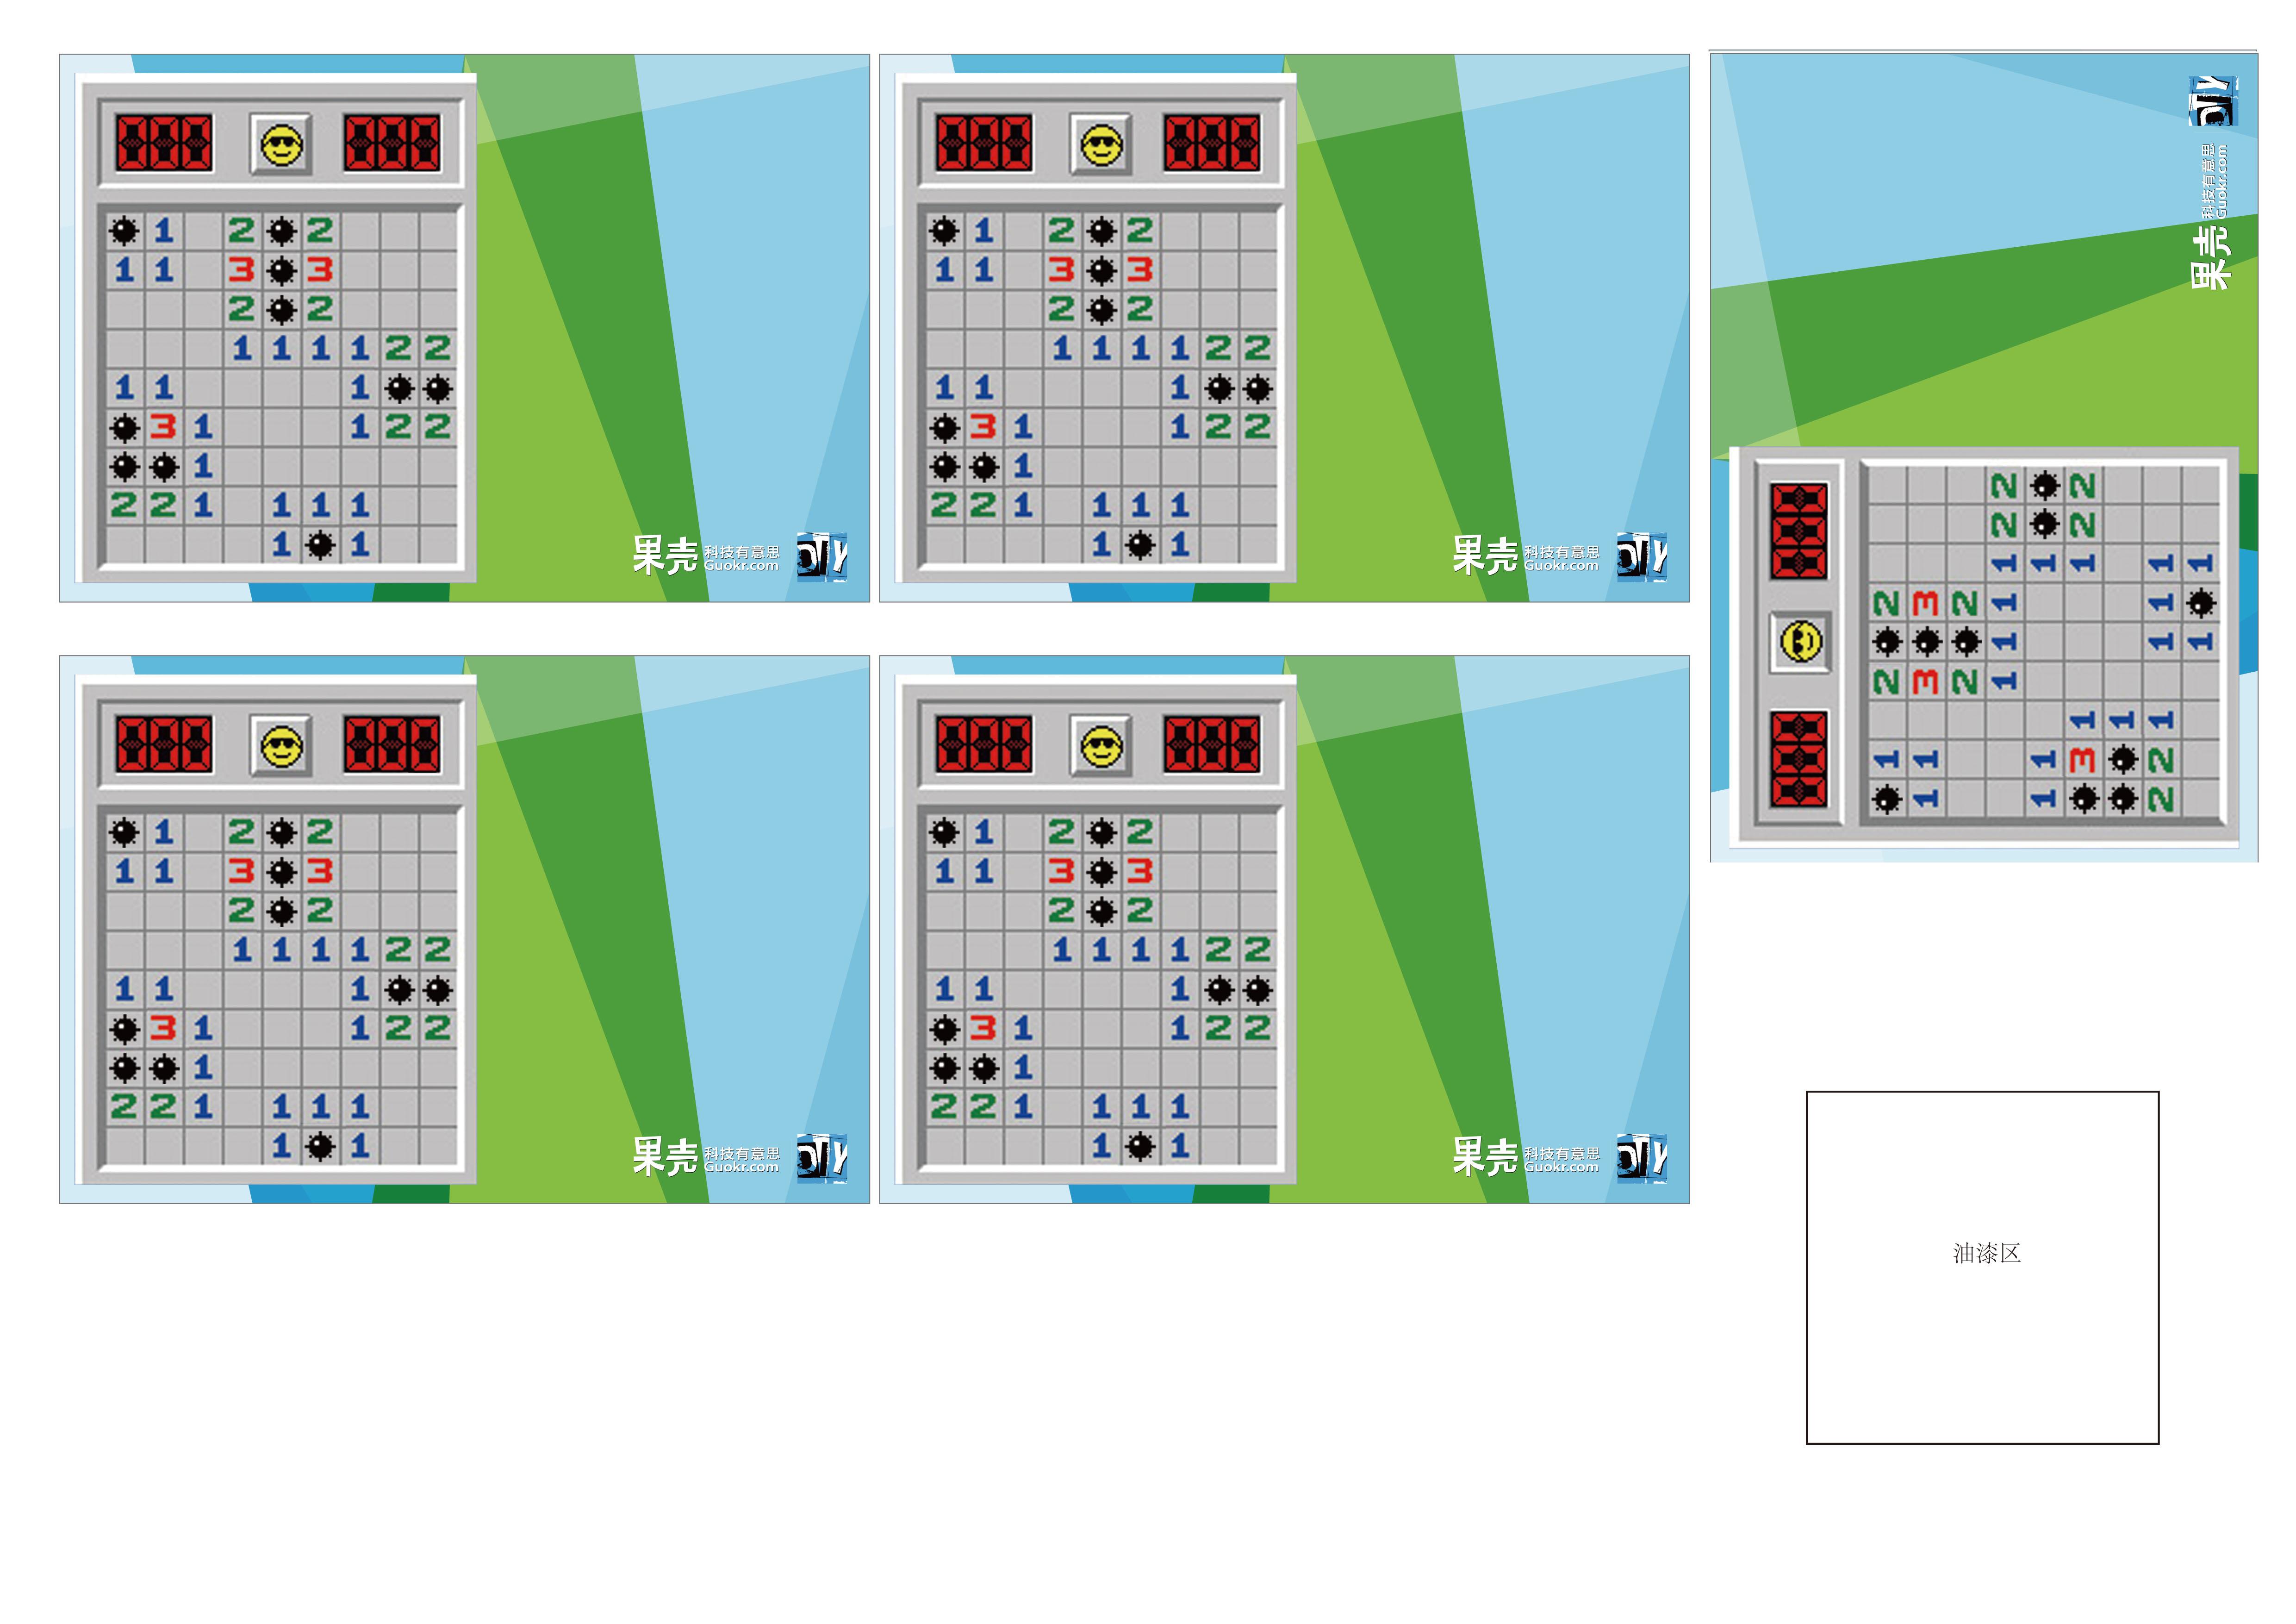 /uploadfile/201211/5/CF115346635.png